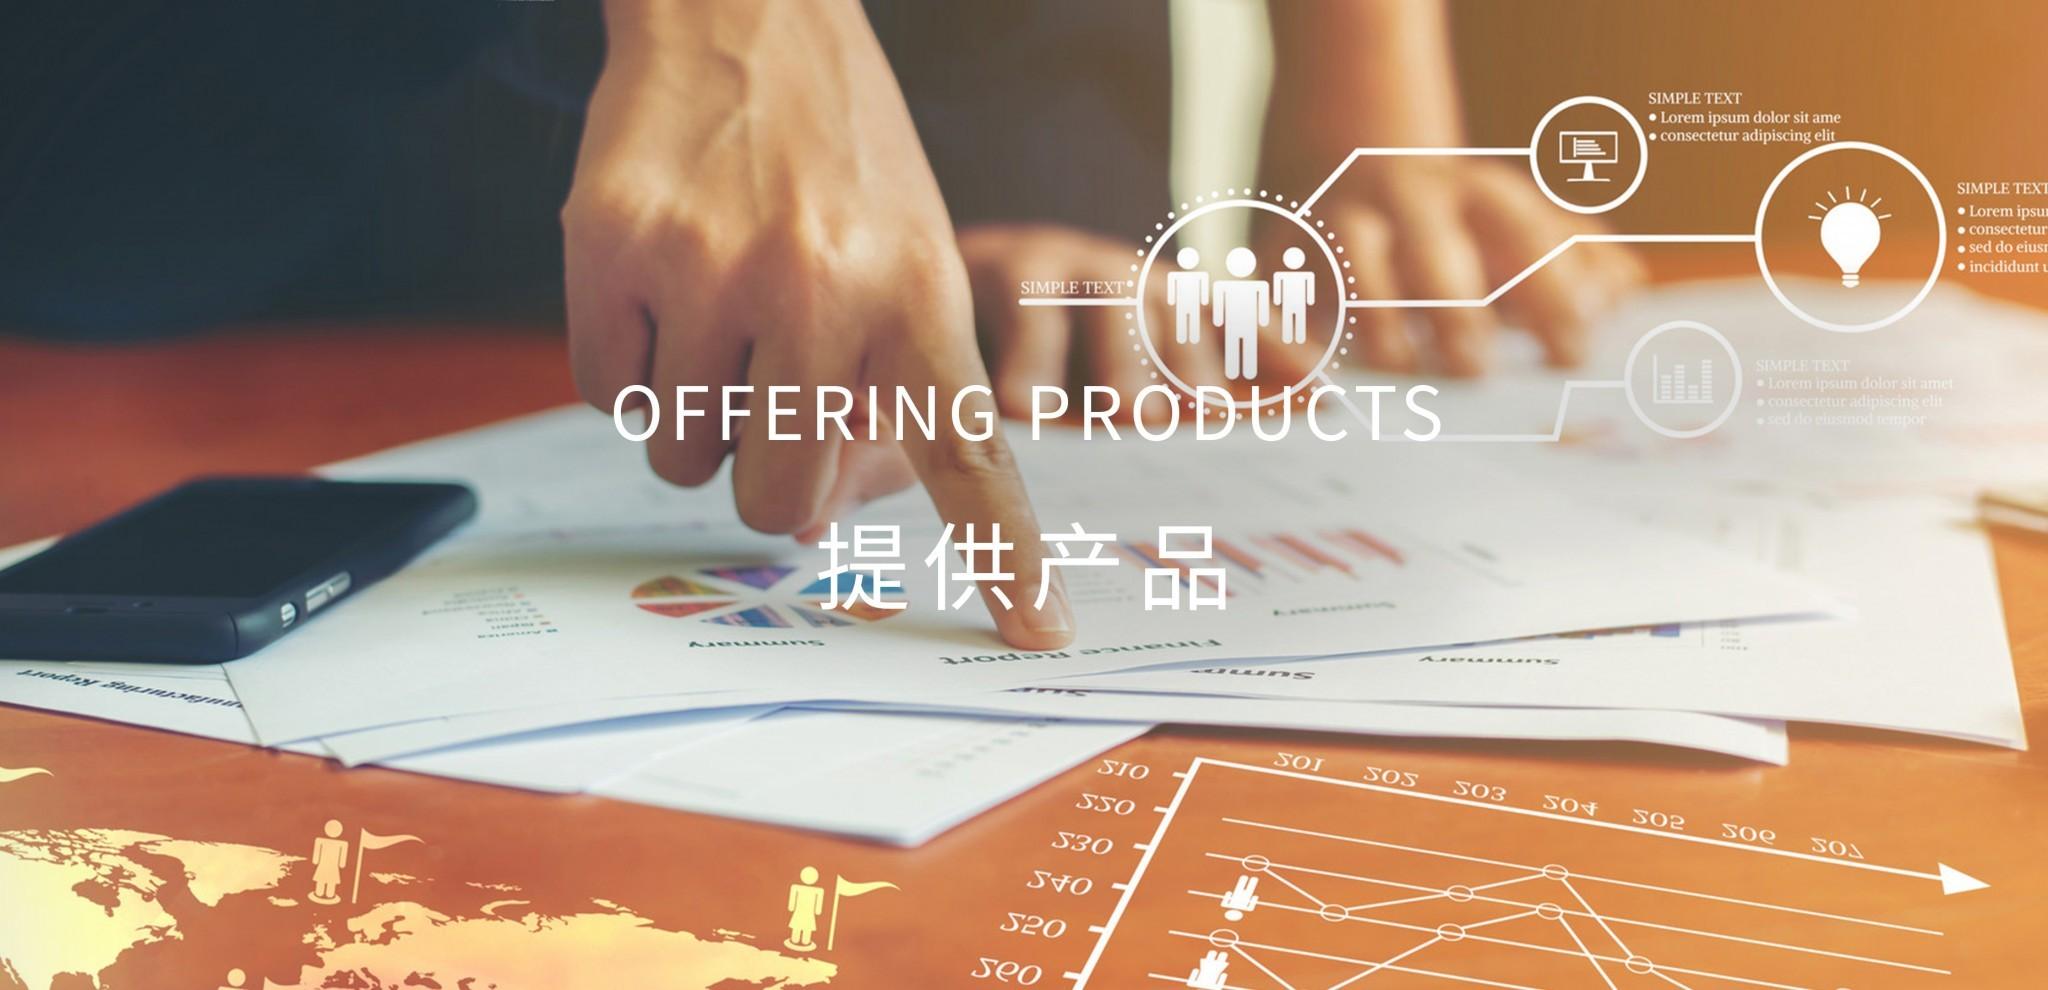 HUO--02孵化服务-01提供产品_01